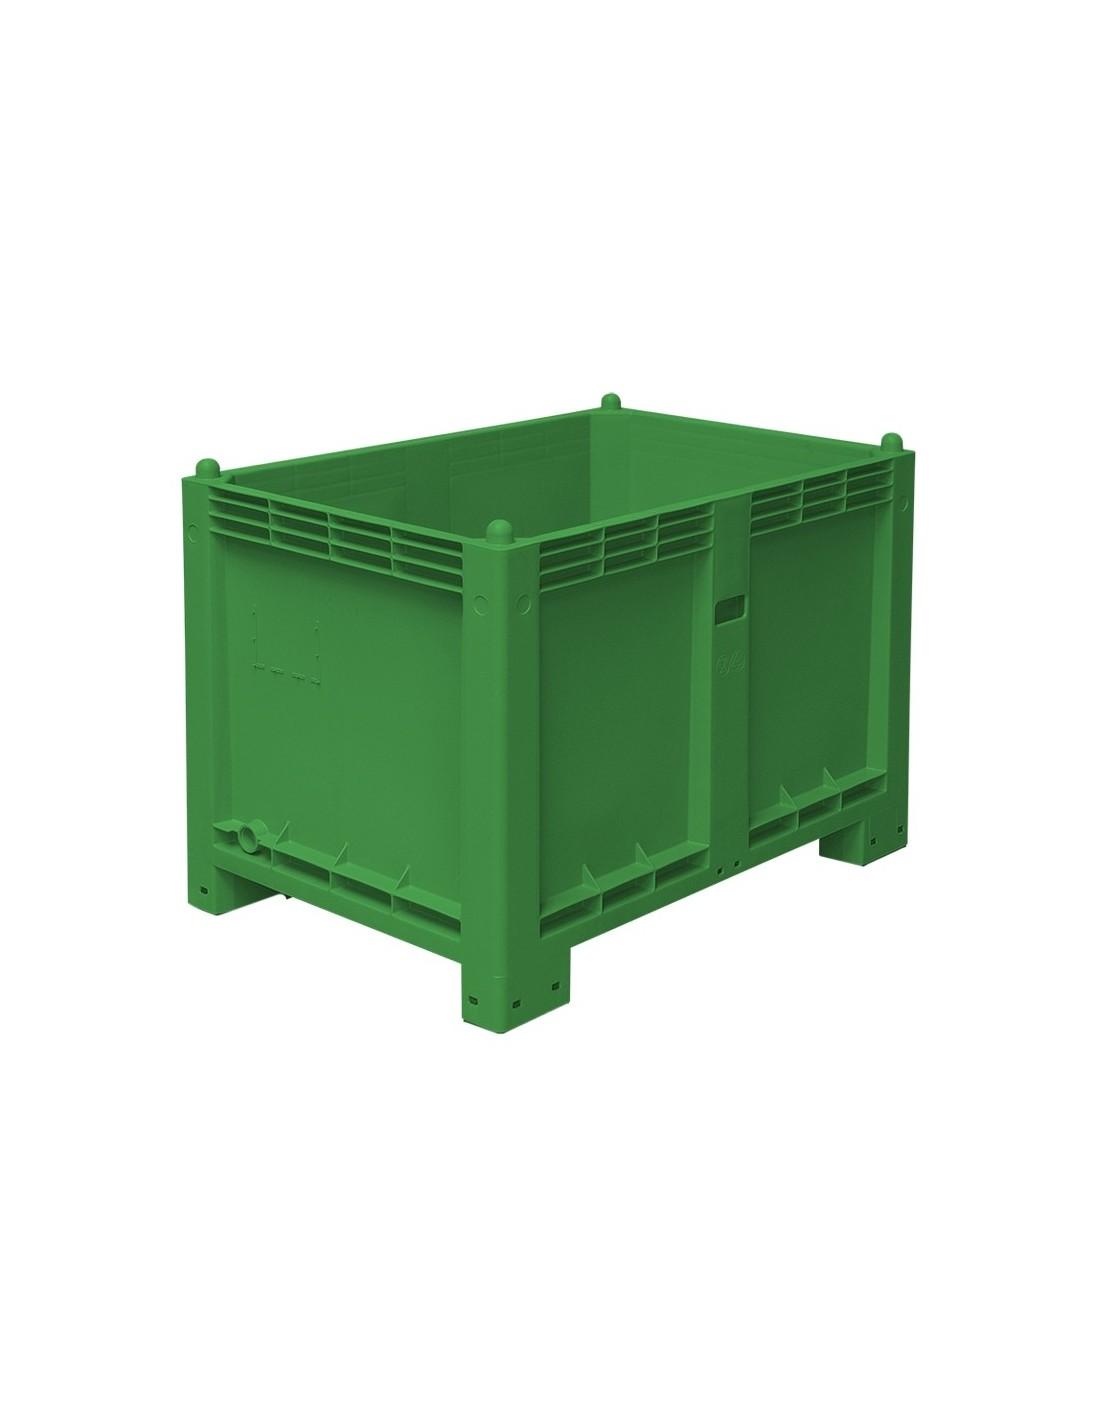 800 x 1200 mm Großbox mit Füßen flüssigkeitsdicht